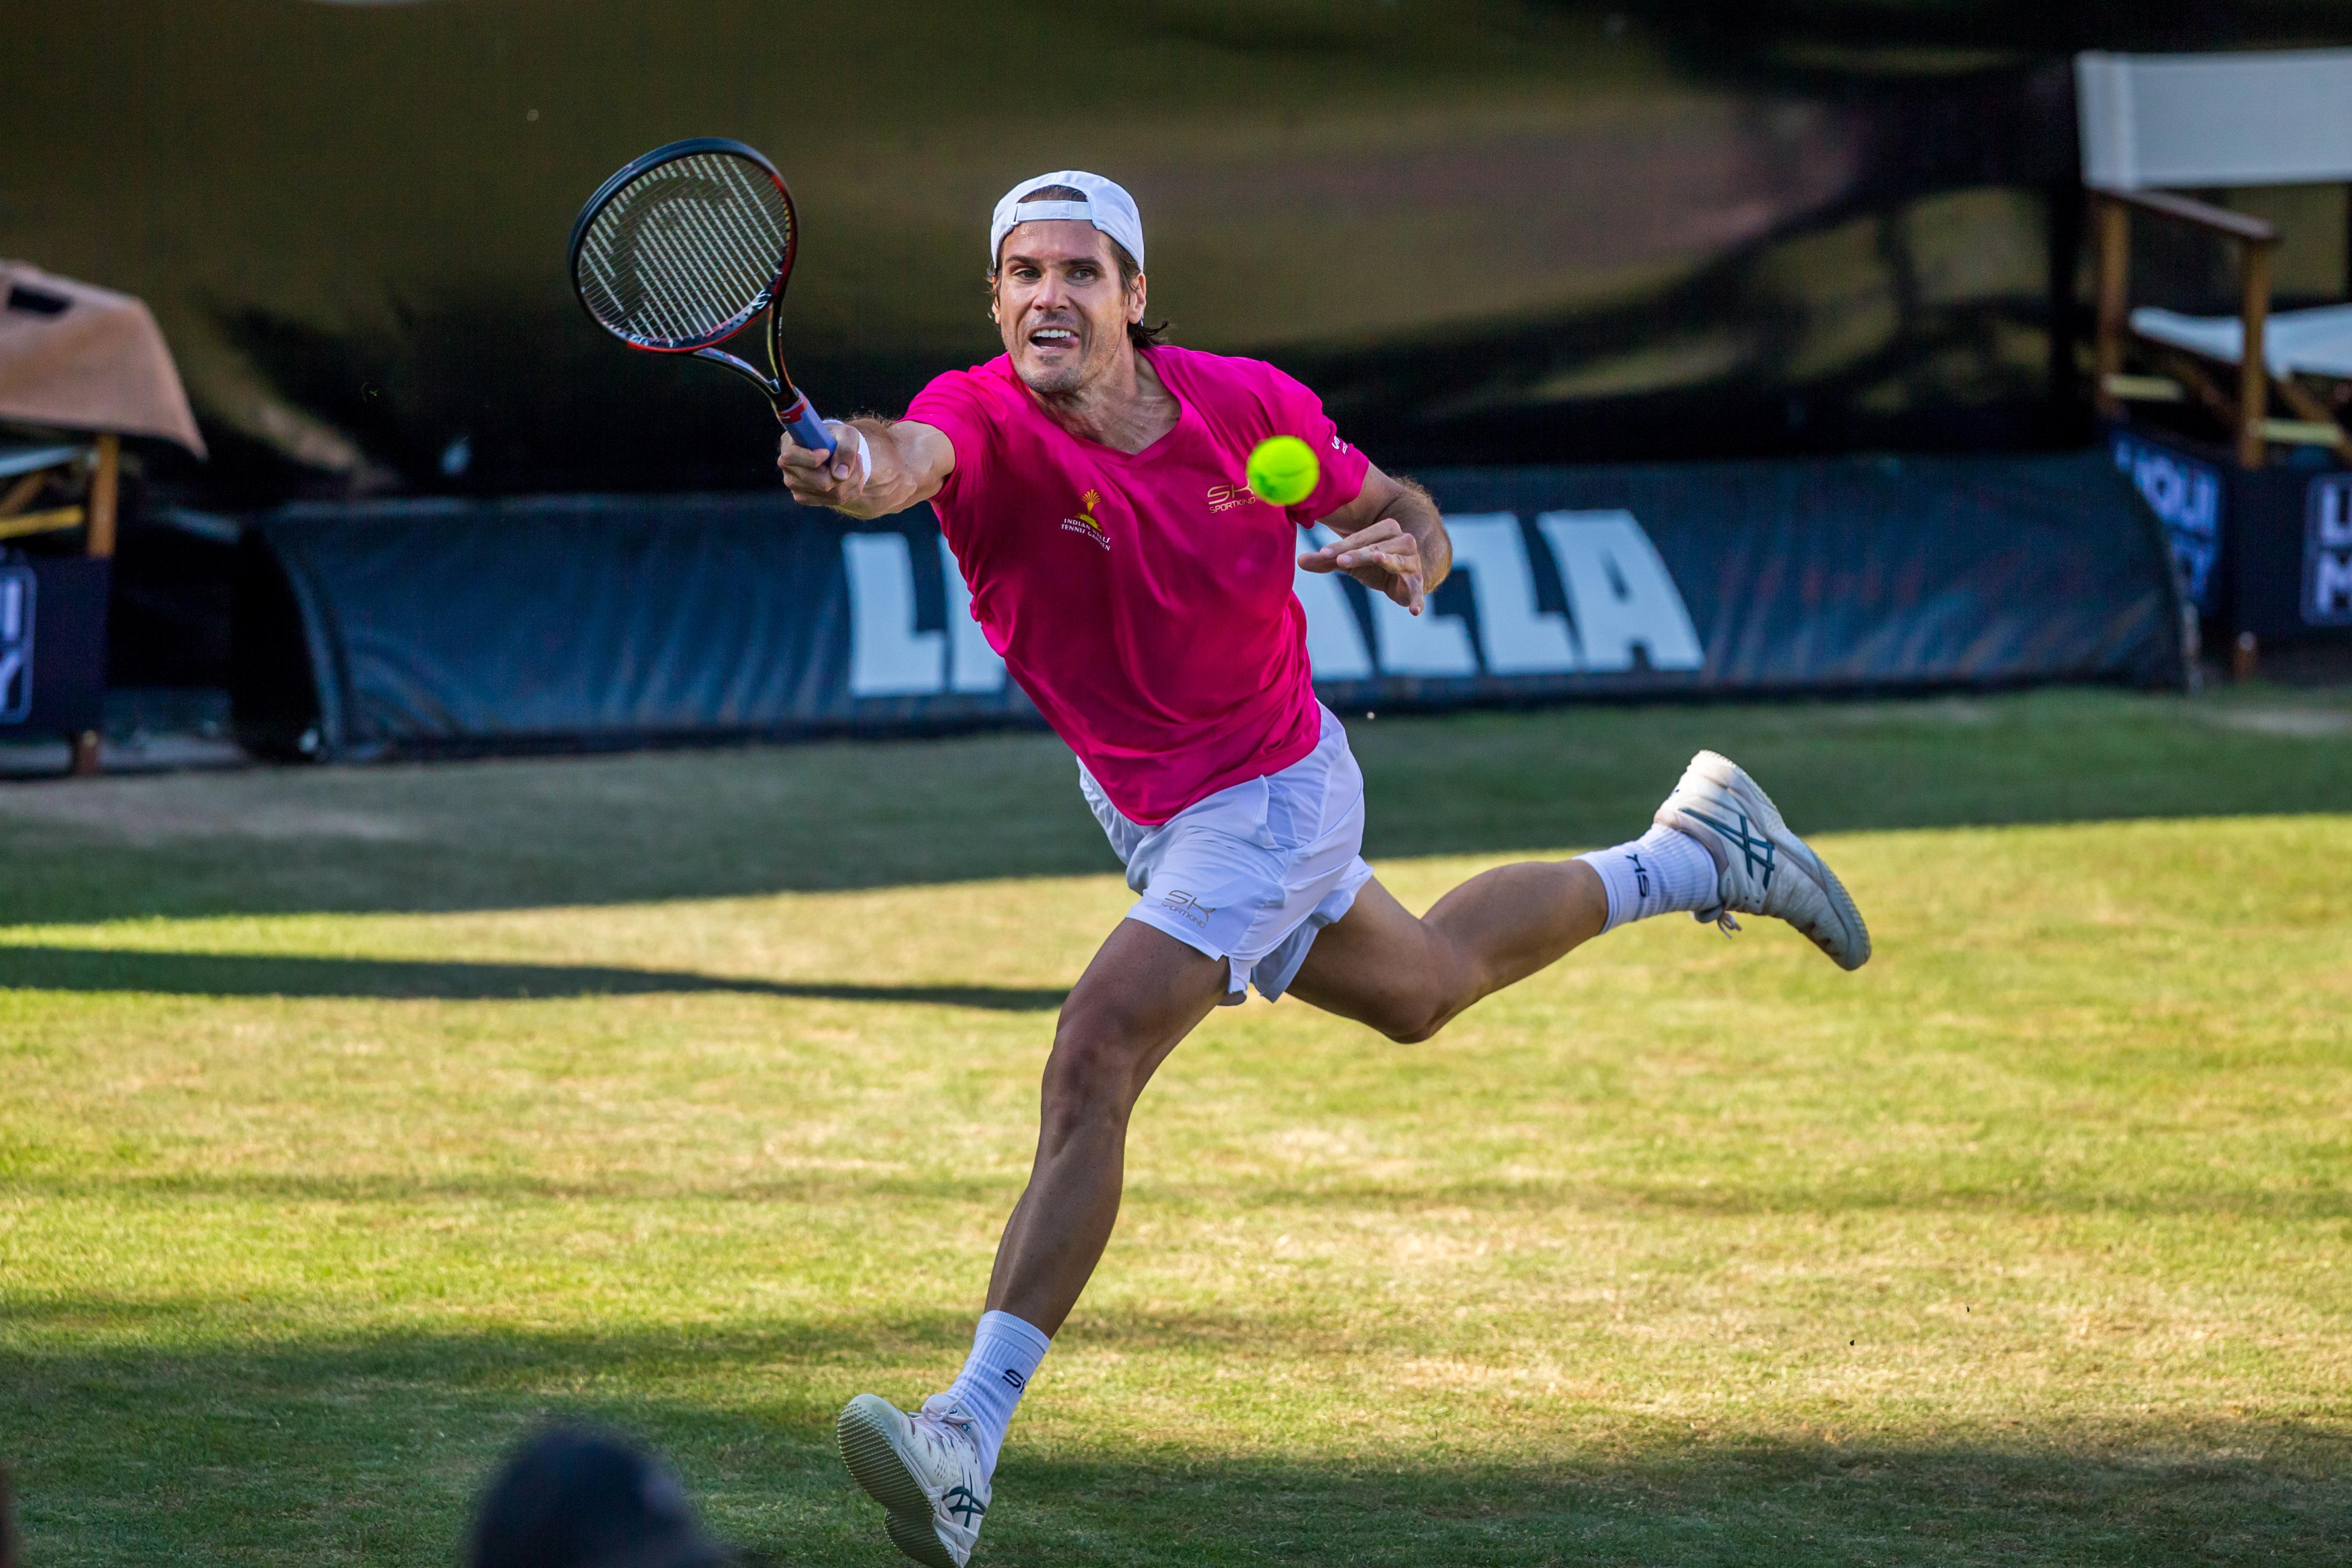 Tommy Haas nimmt Abschied von Wimbledon. In Stuttgart bewies er mit einem Sieg gegn Roger Federer bereits, dass er sich noch einiges vorgenommen hat.